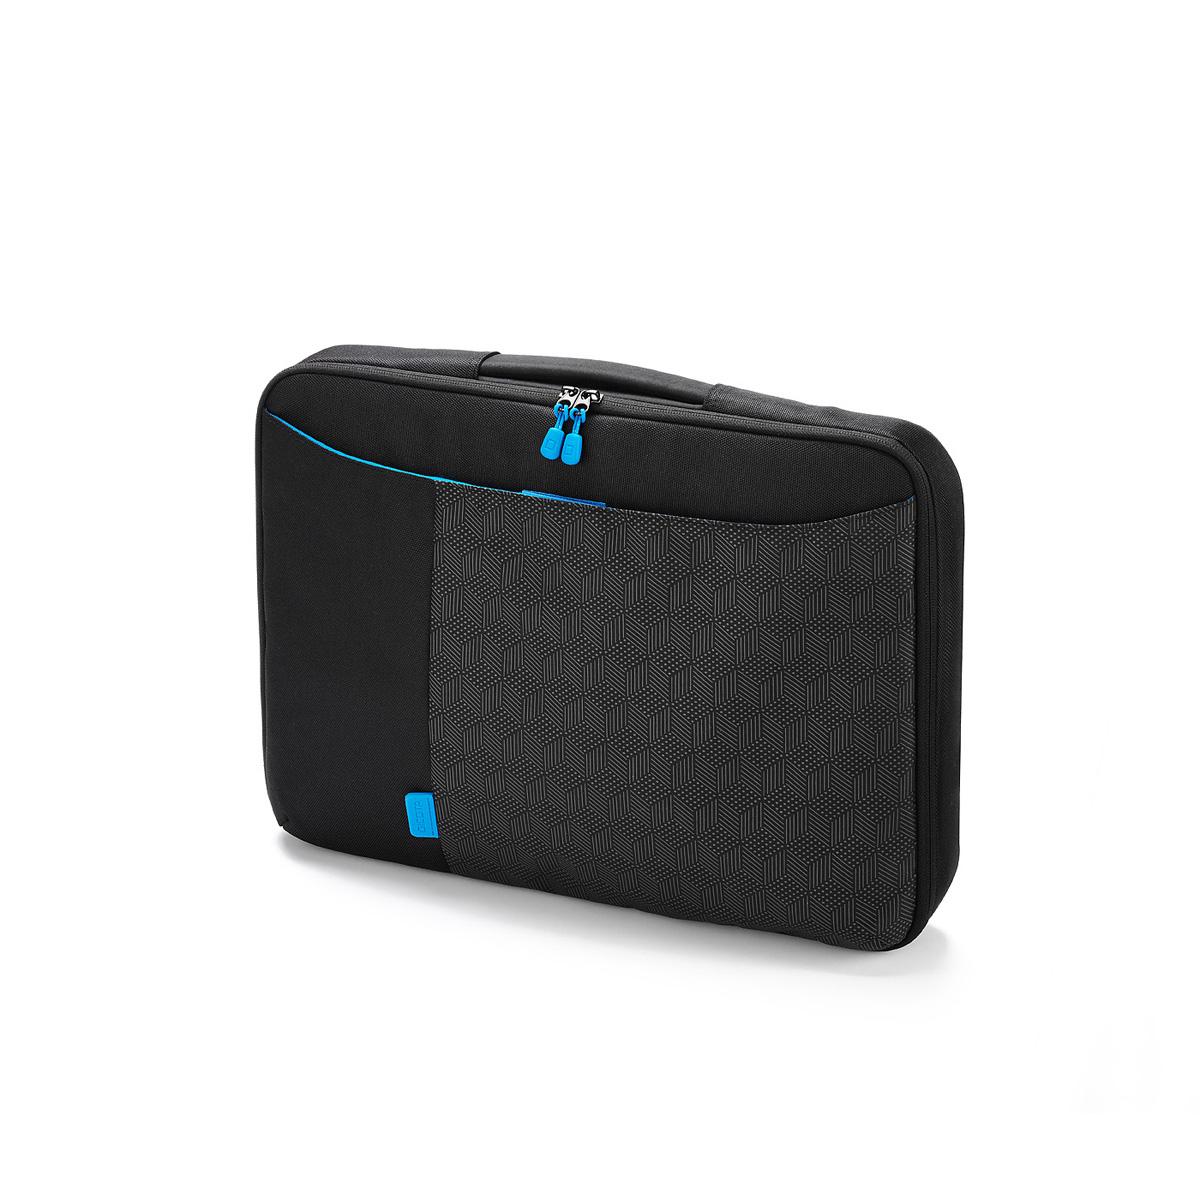 dicota bounce slimcase 13 14 coloris noir bleu sac sacoche housse dicota sur. Black Bedroom Furniture Sets. Home Design Ideas